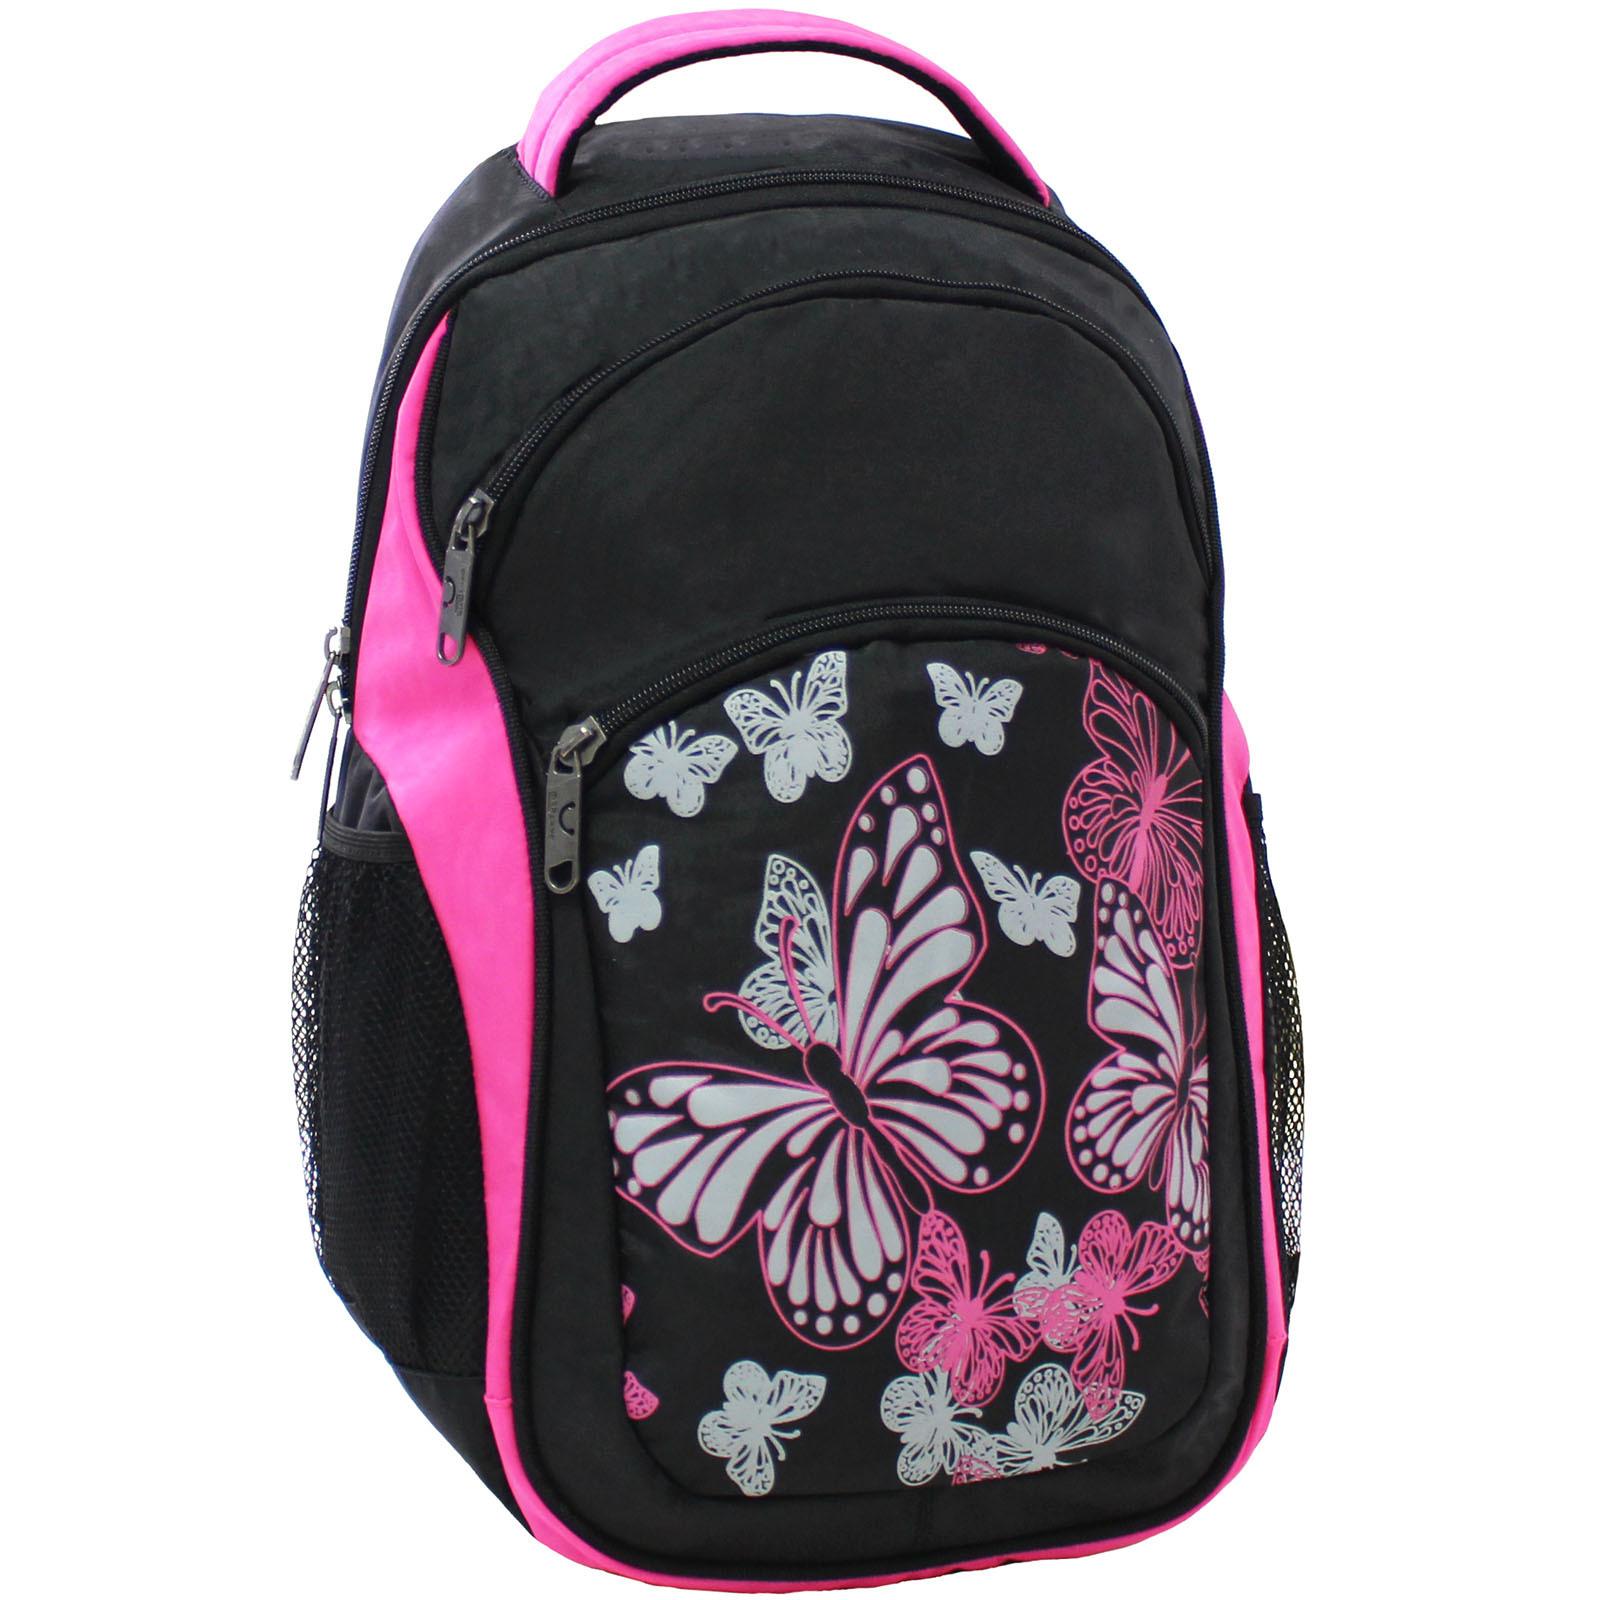 Городские рюкзаки Рюкзак Bagland Лик 21 л. Чёрный / розовый (0055770) IMG_6542.JPG